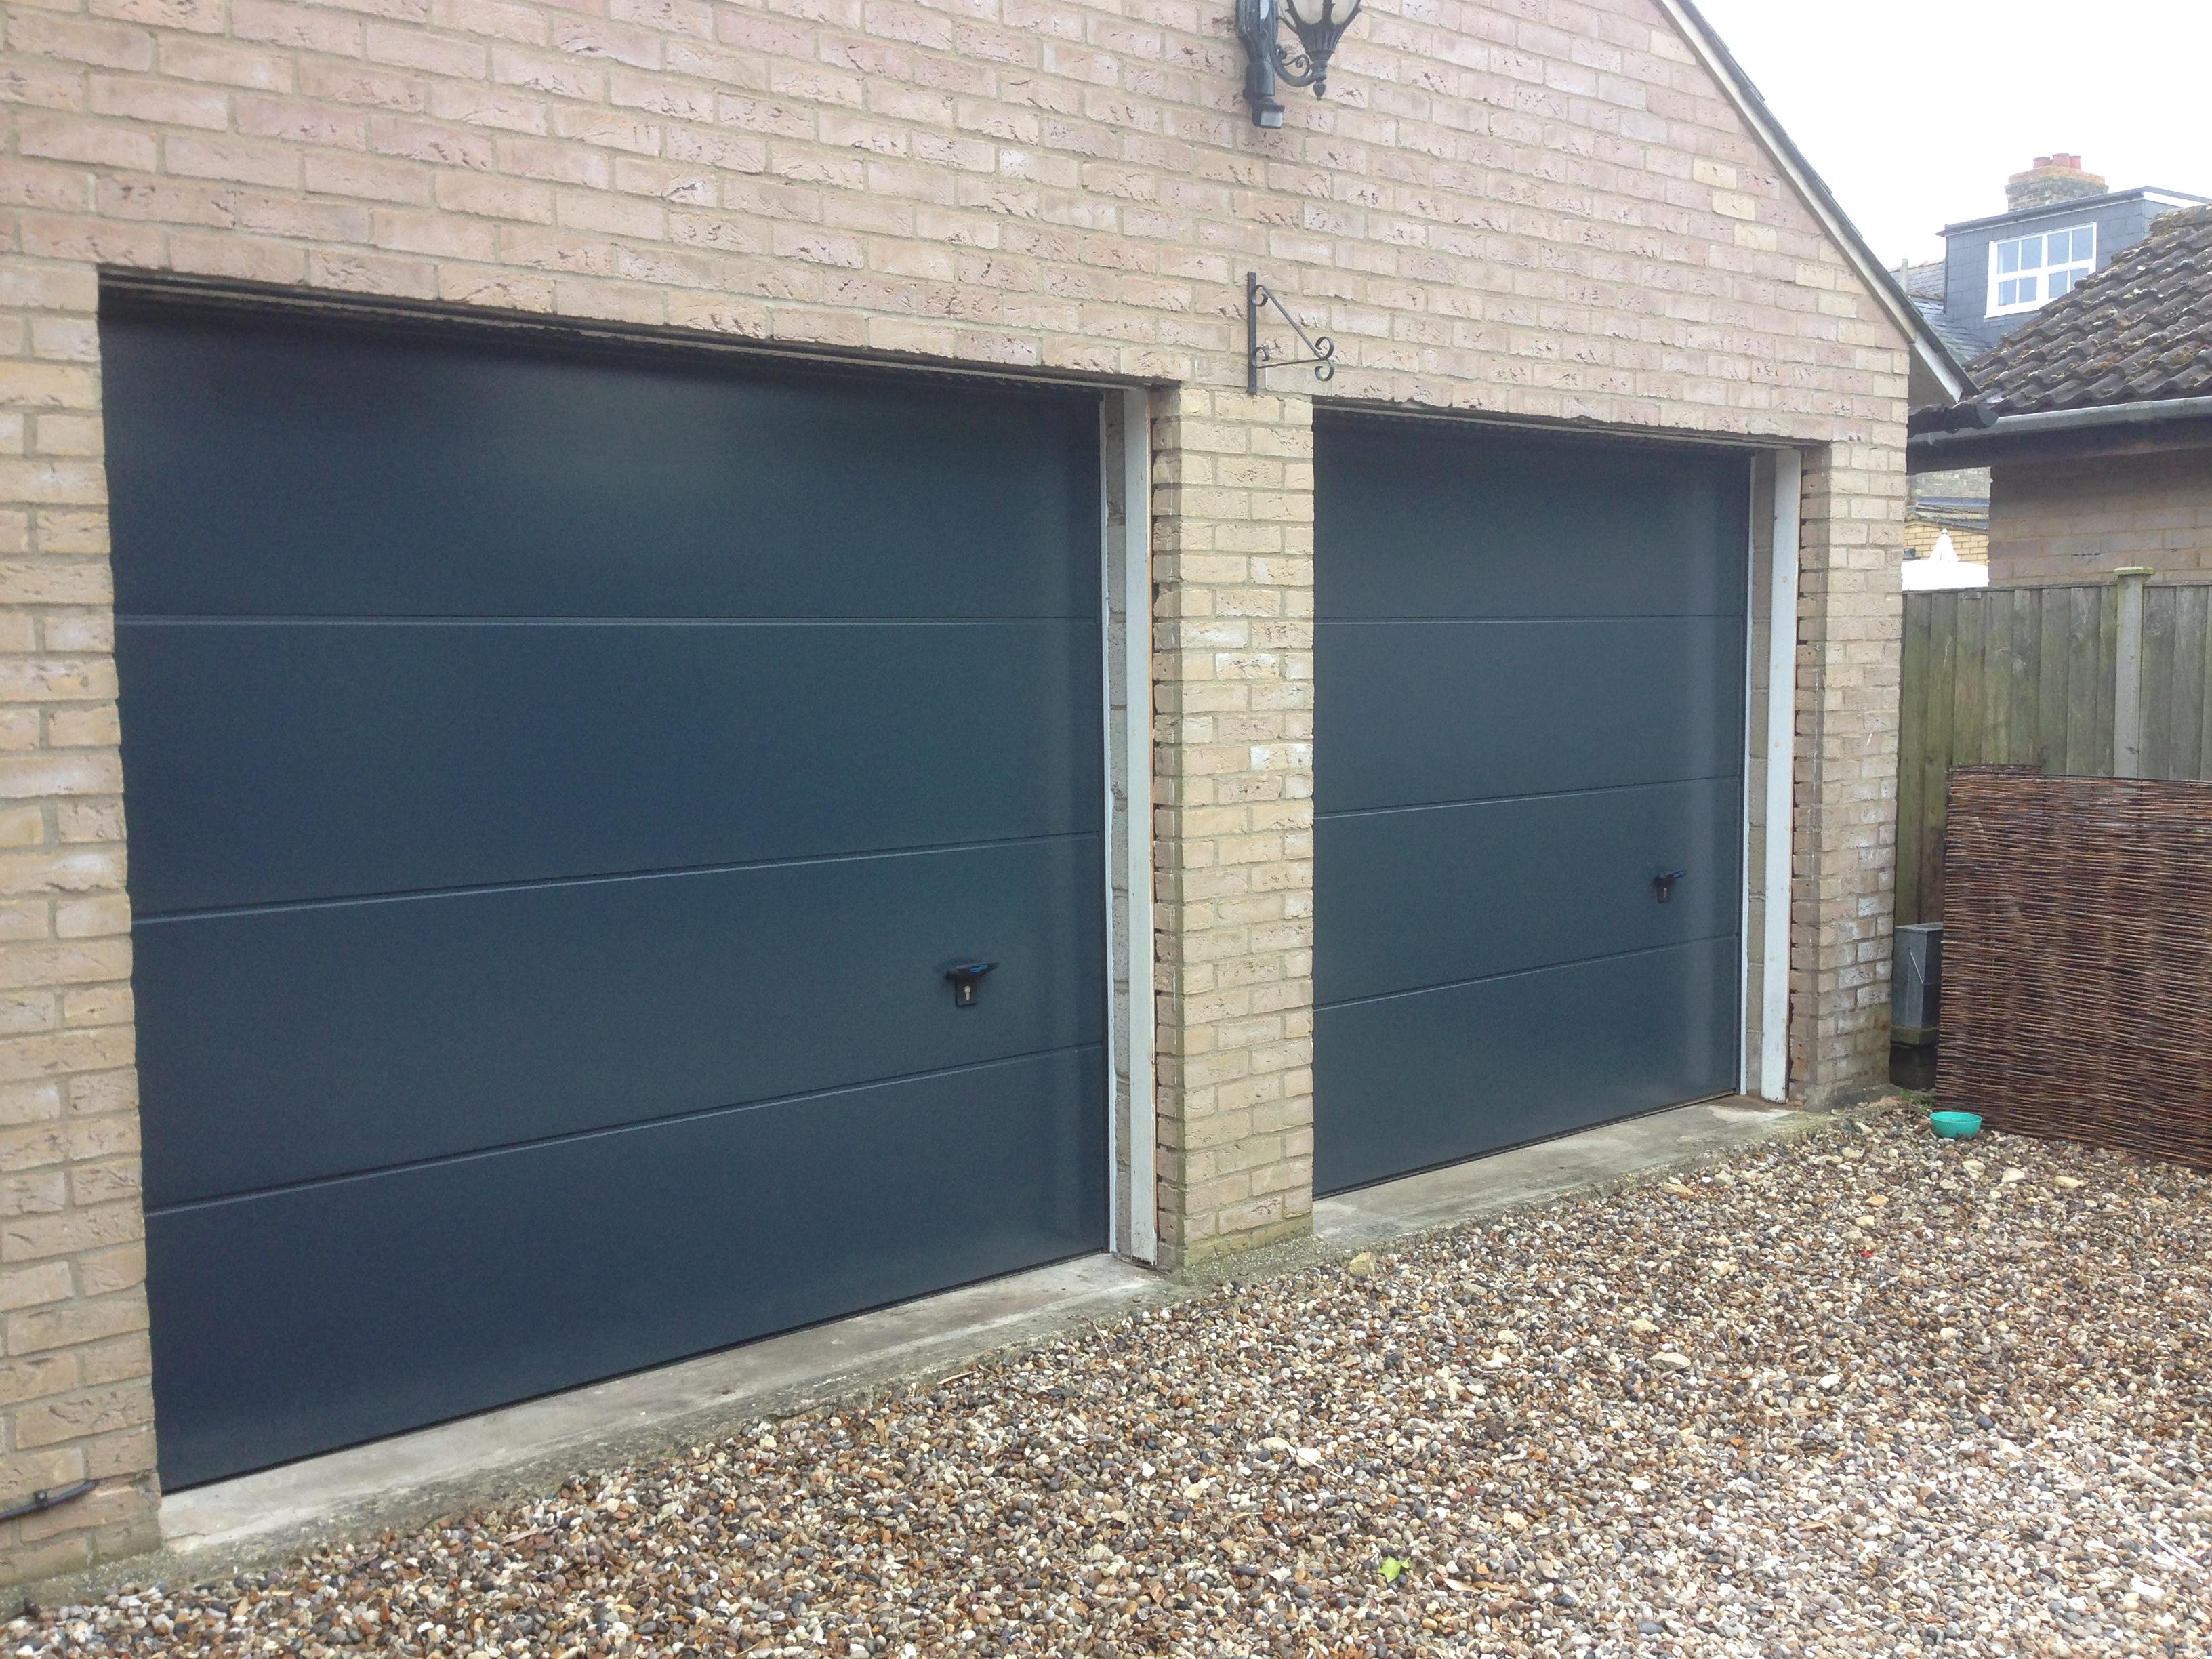 2448 #384B59  Cardale Garage Doors Cardale Garage Door Repairs Garage Doors  picture/photo Garage Doors Suppliers 36993264